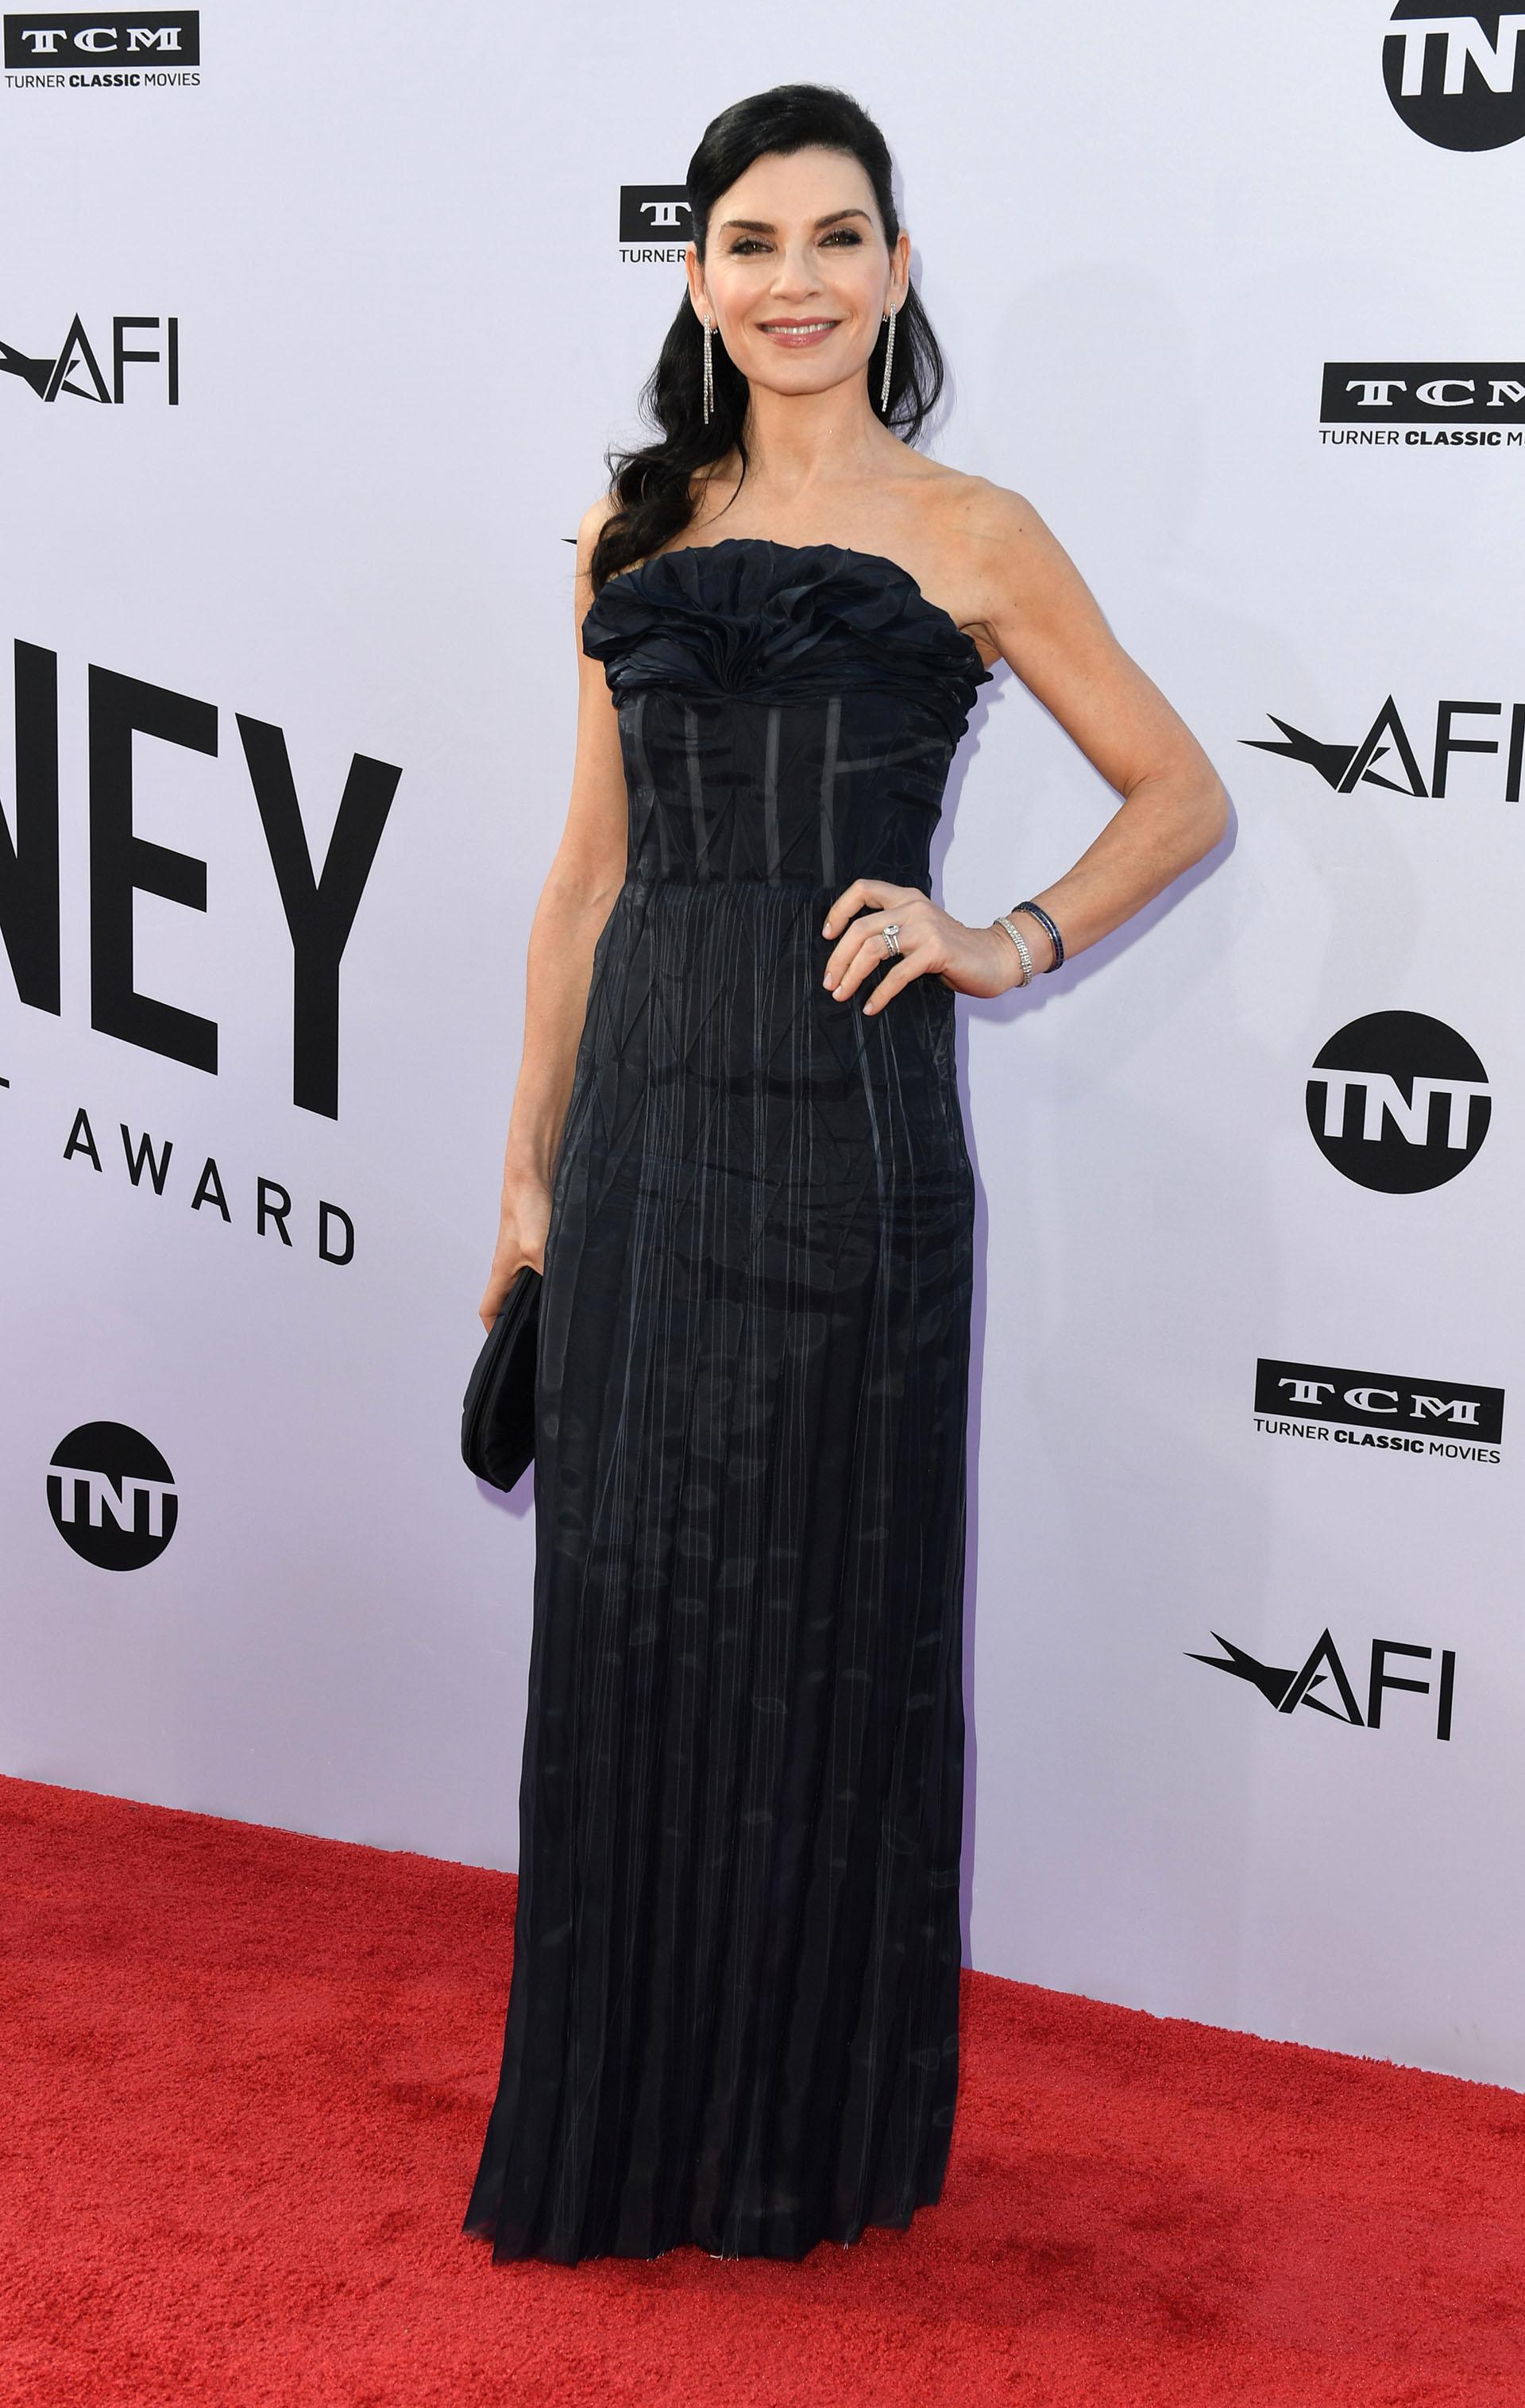 Julianna Margulies con un vestido strapless y plisado